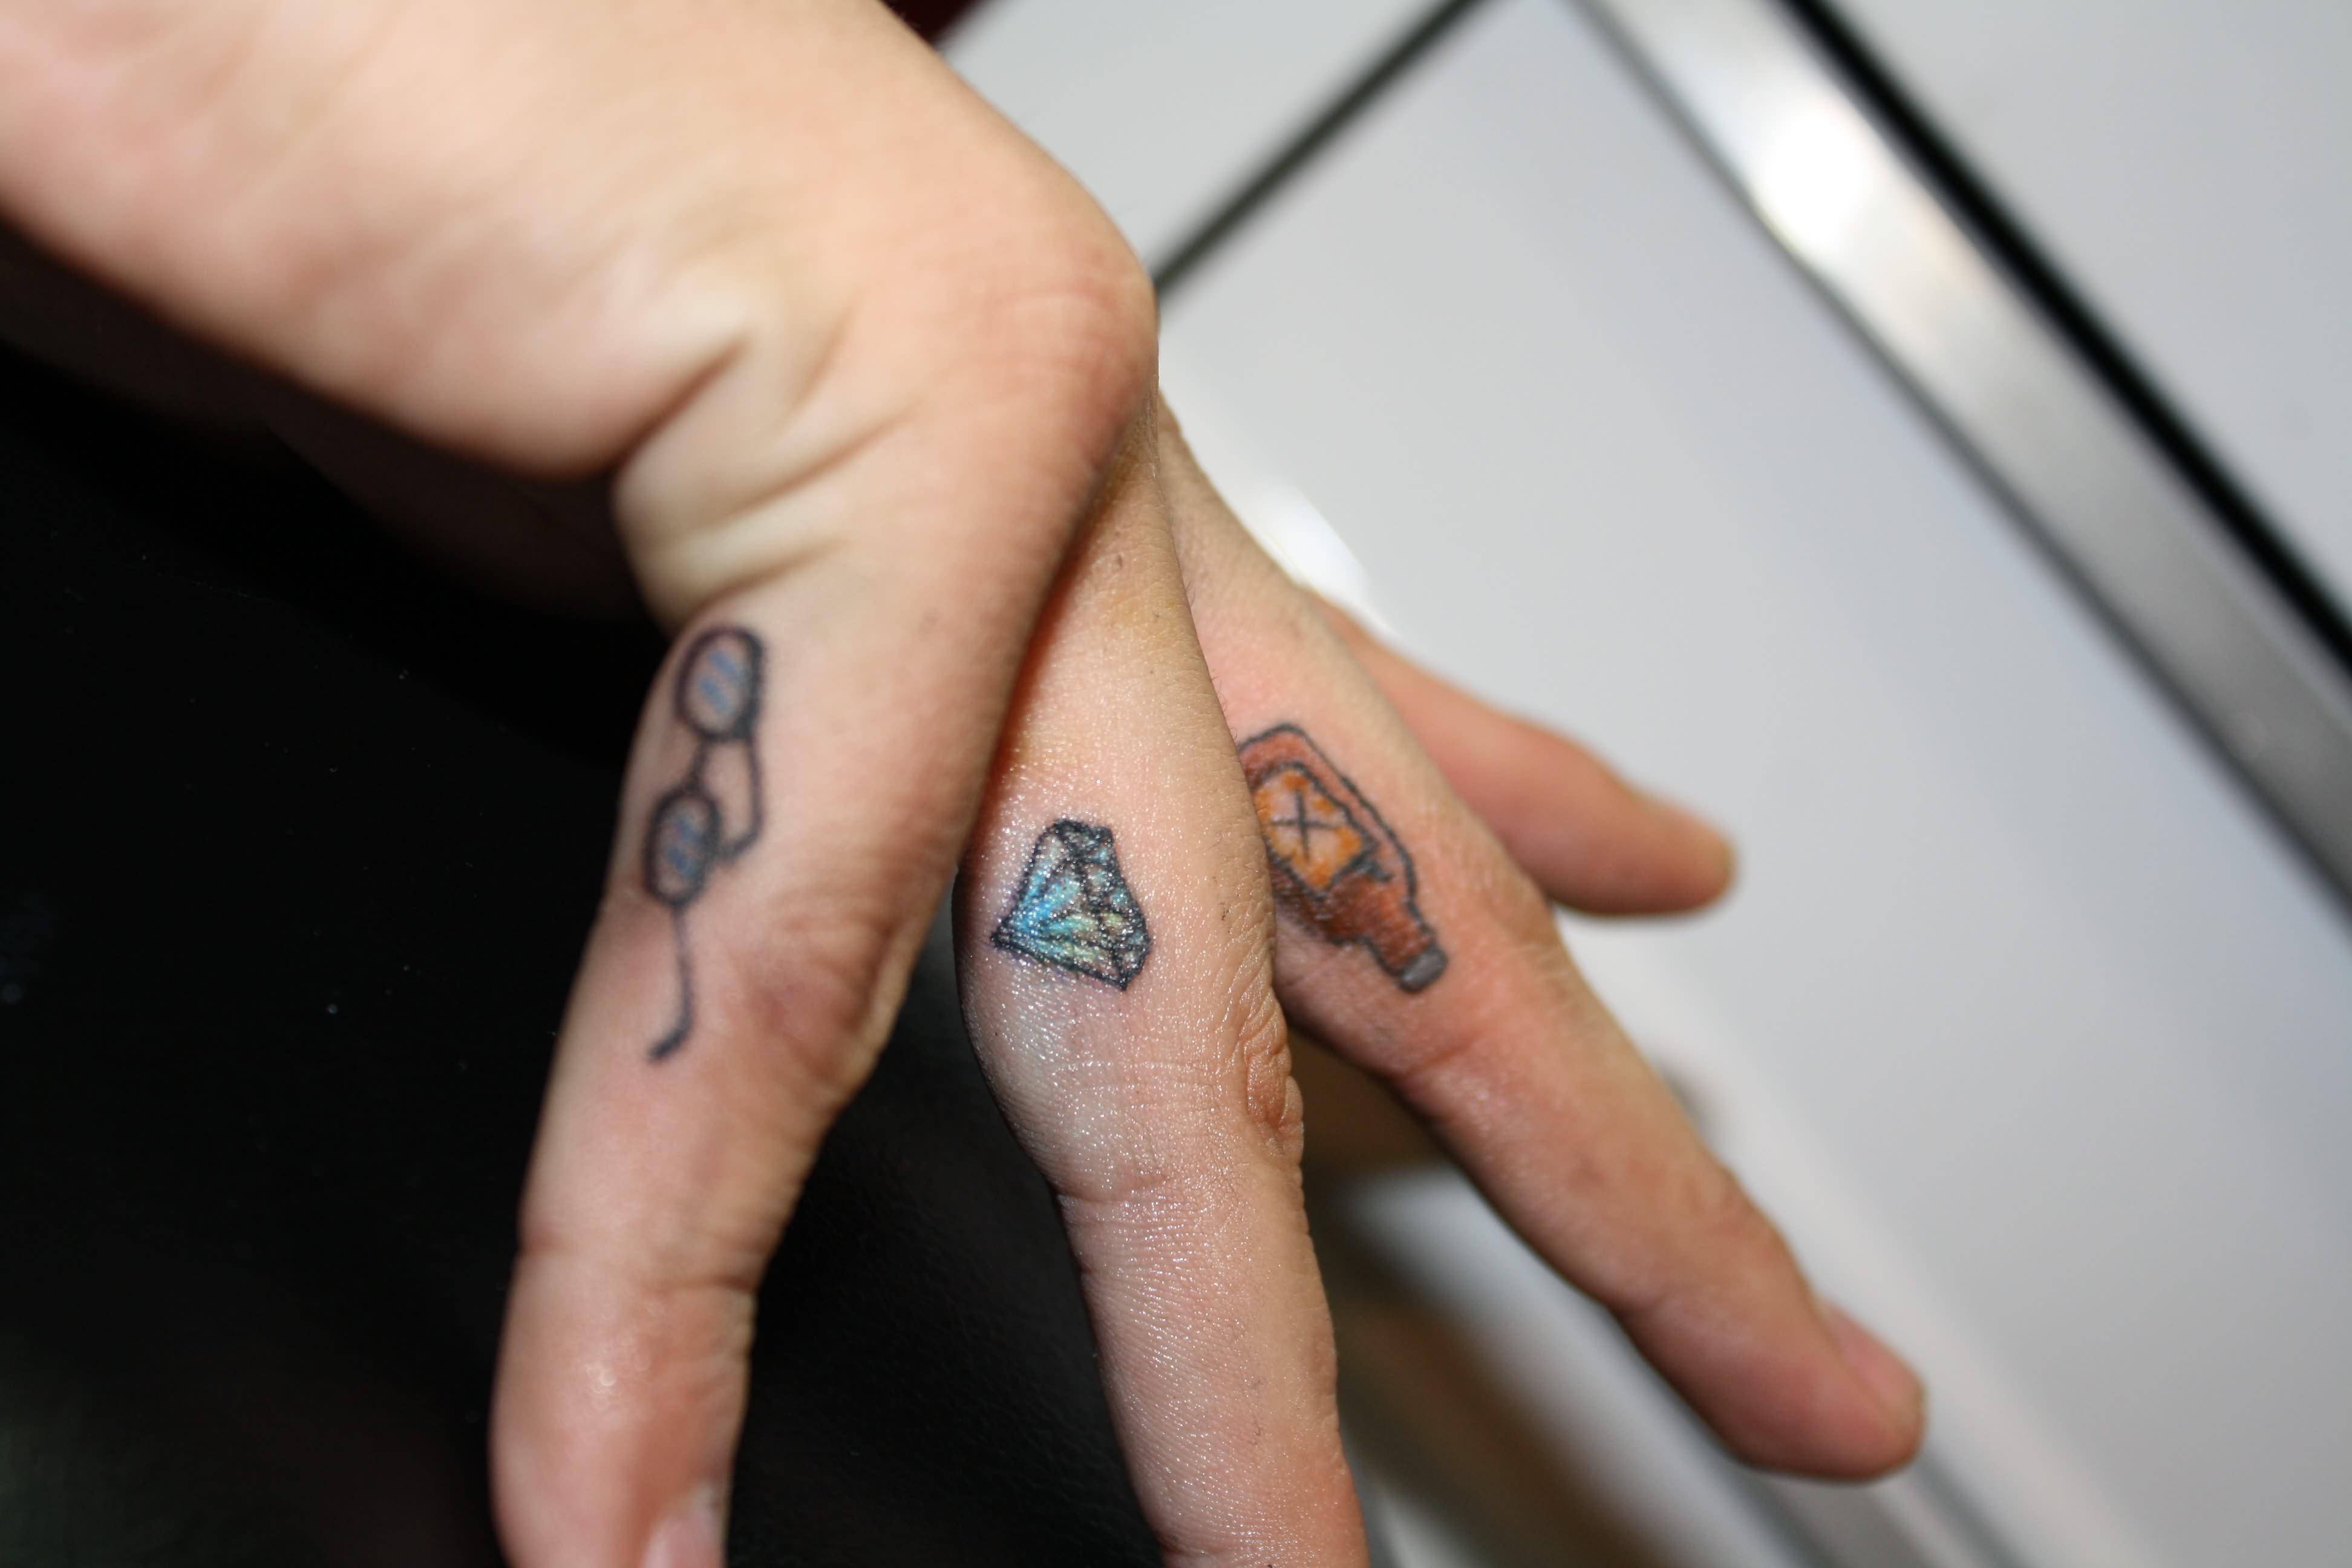 Tattoos On Fingers